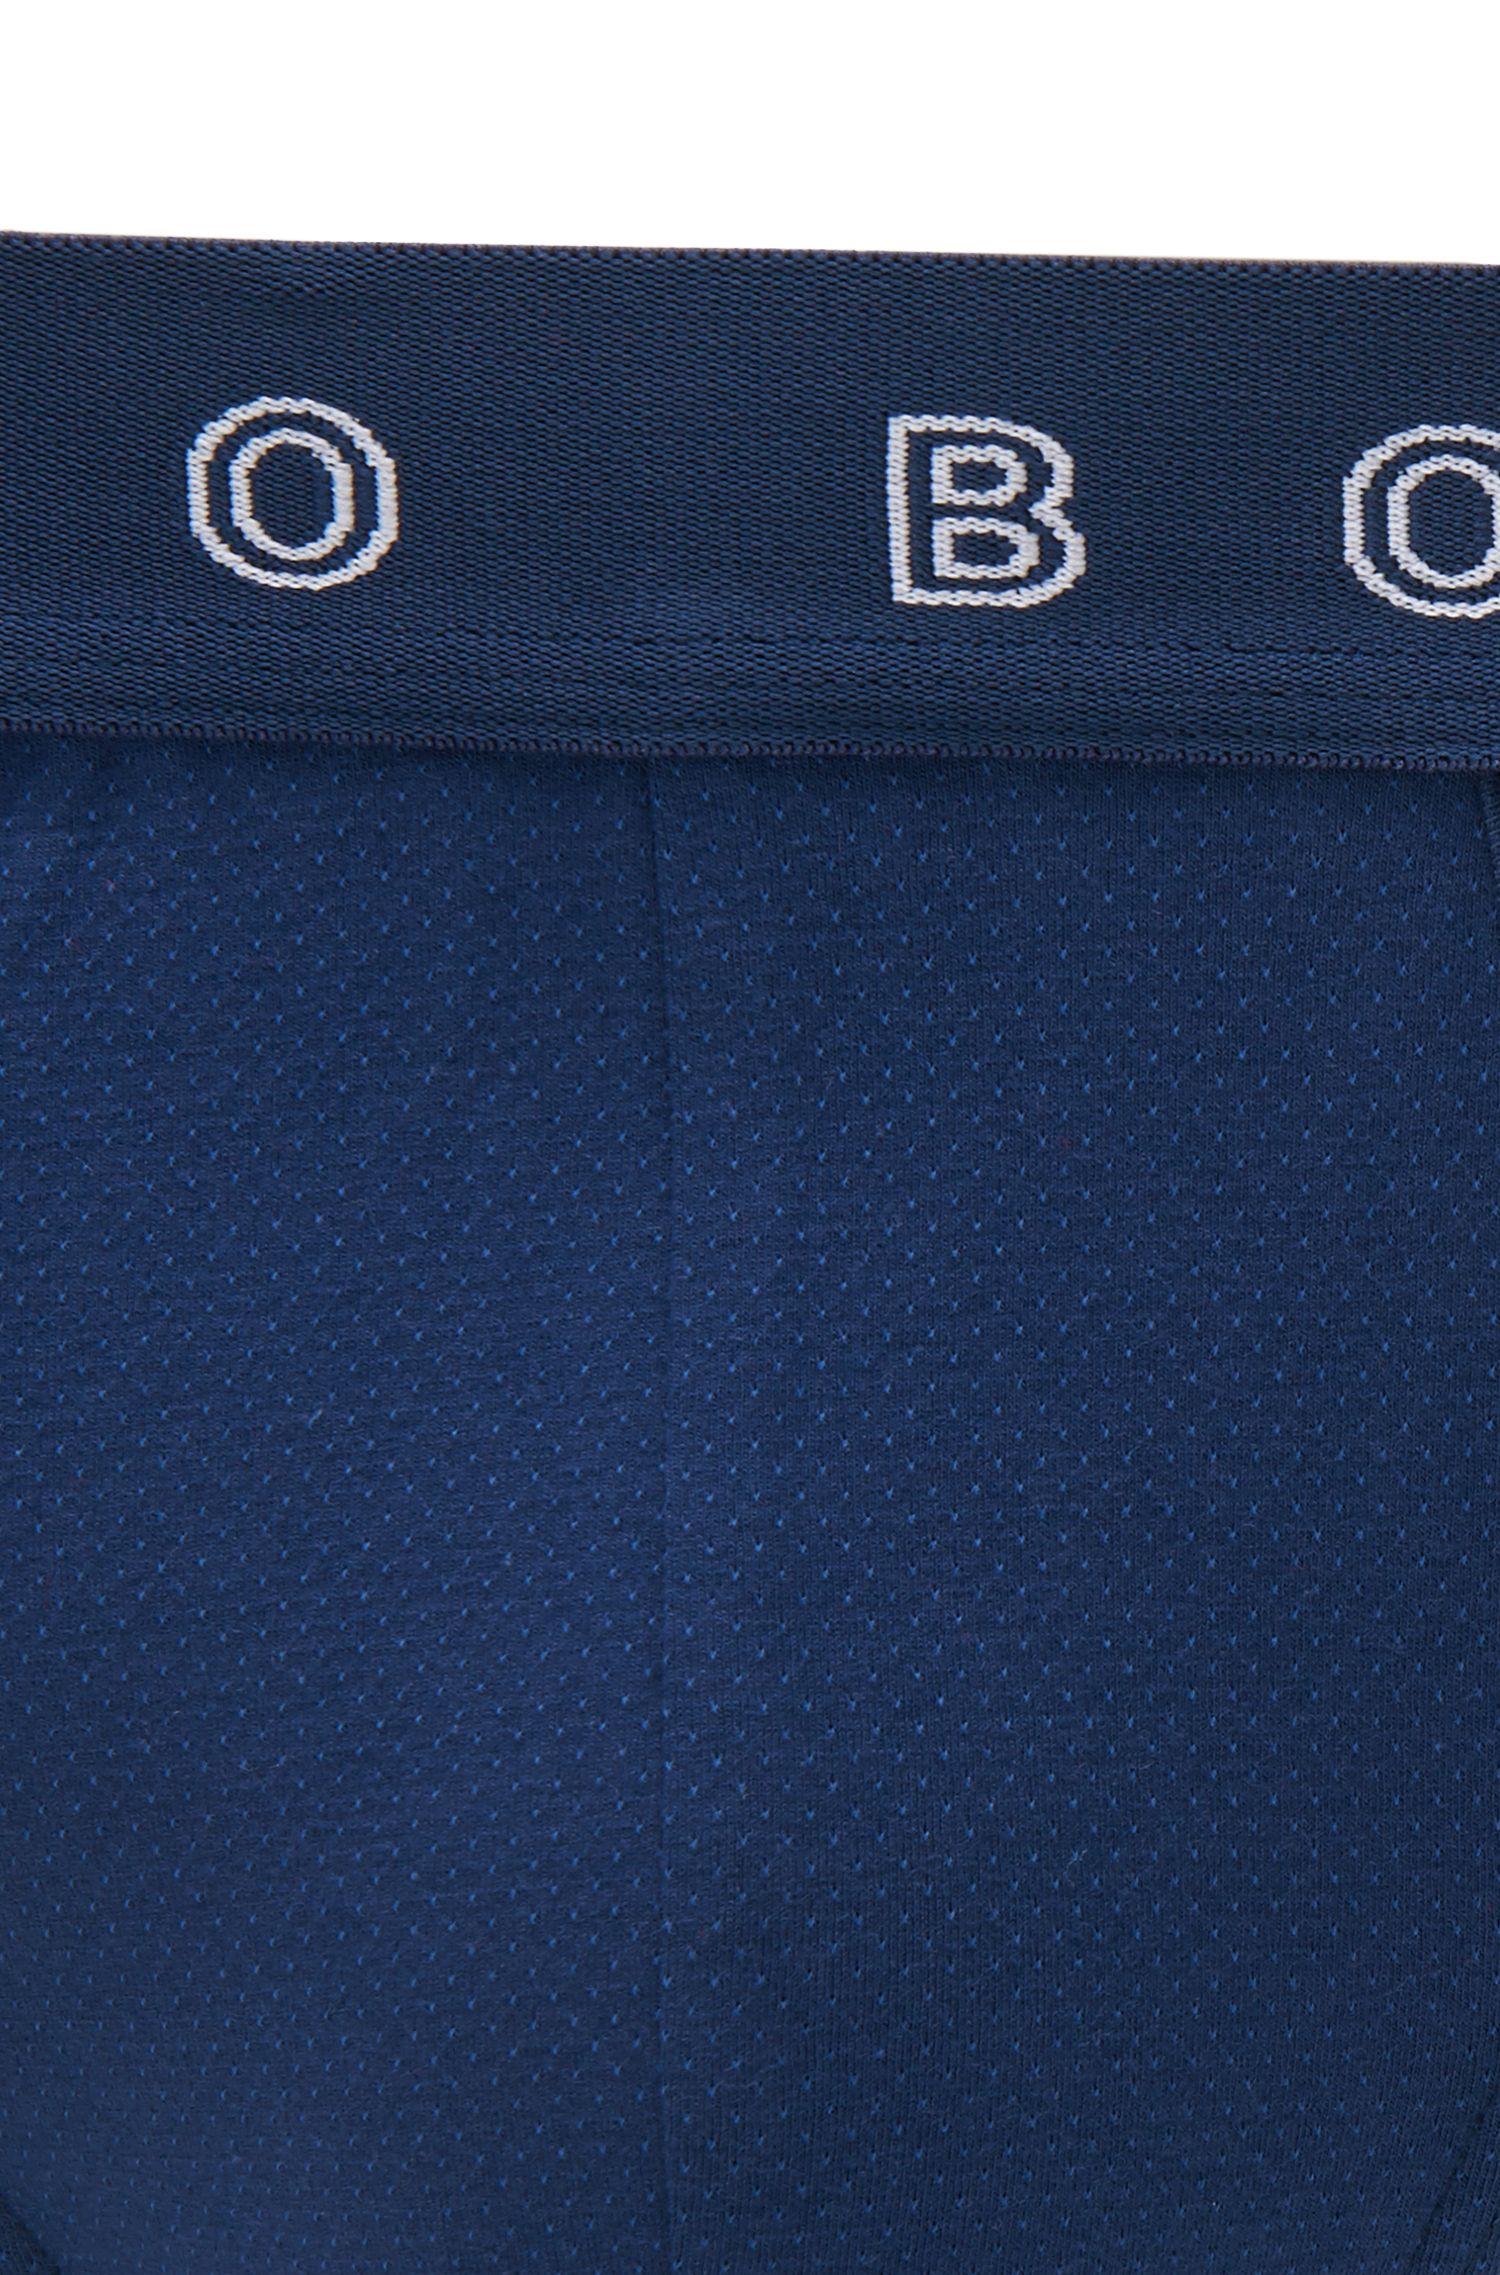 Slip in een jacquard van jersey met tailleband met logo